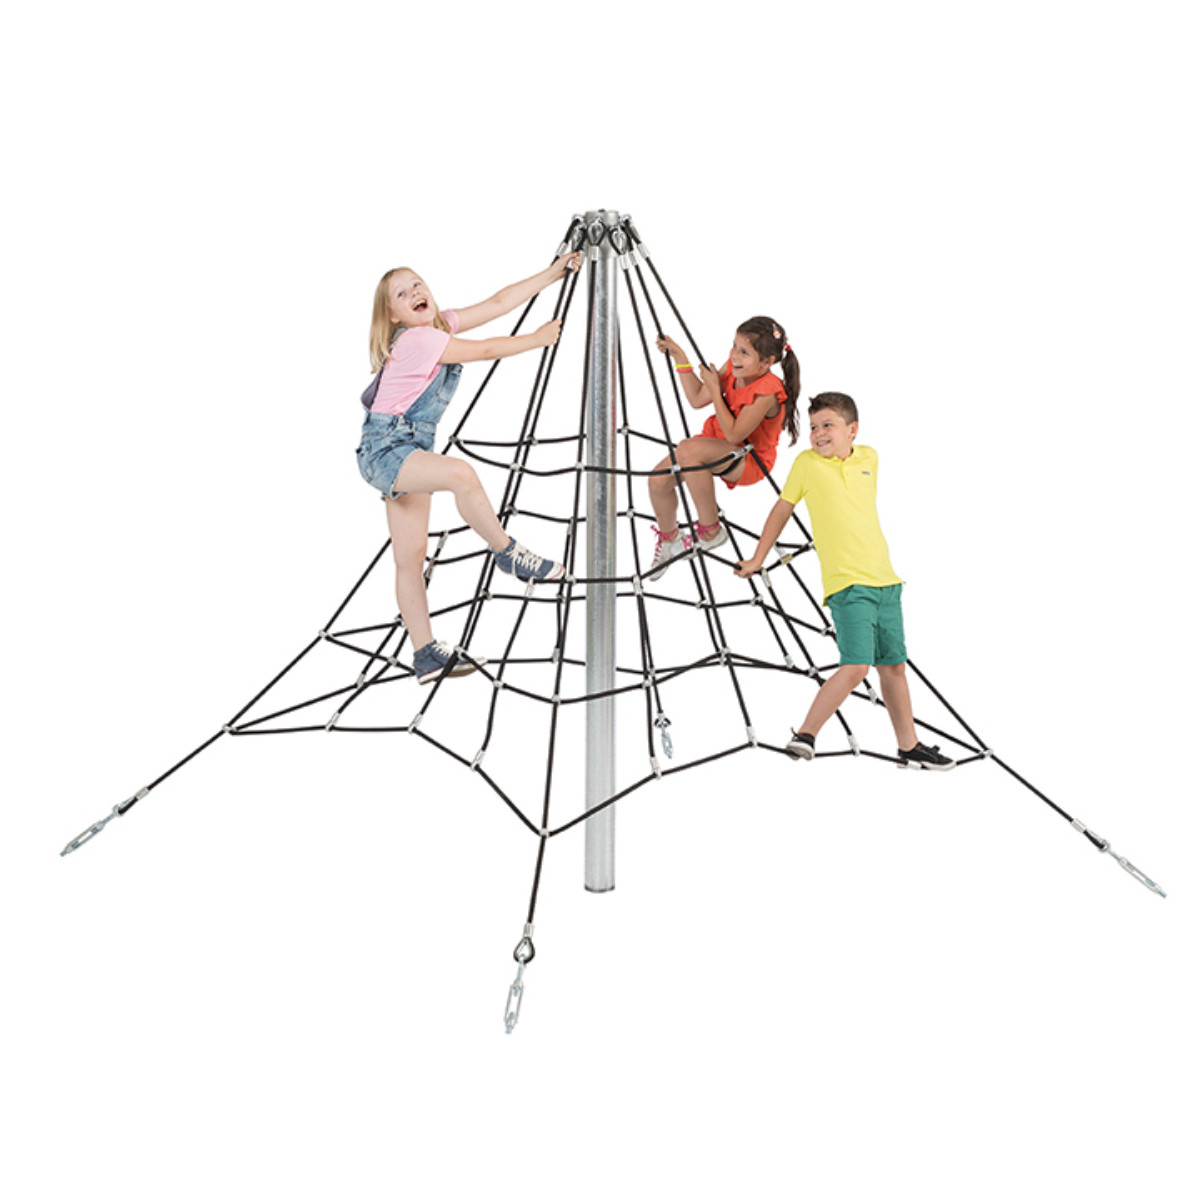 Піраміда з каната 2,0 м для дитячих майданчиків